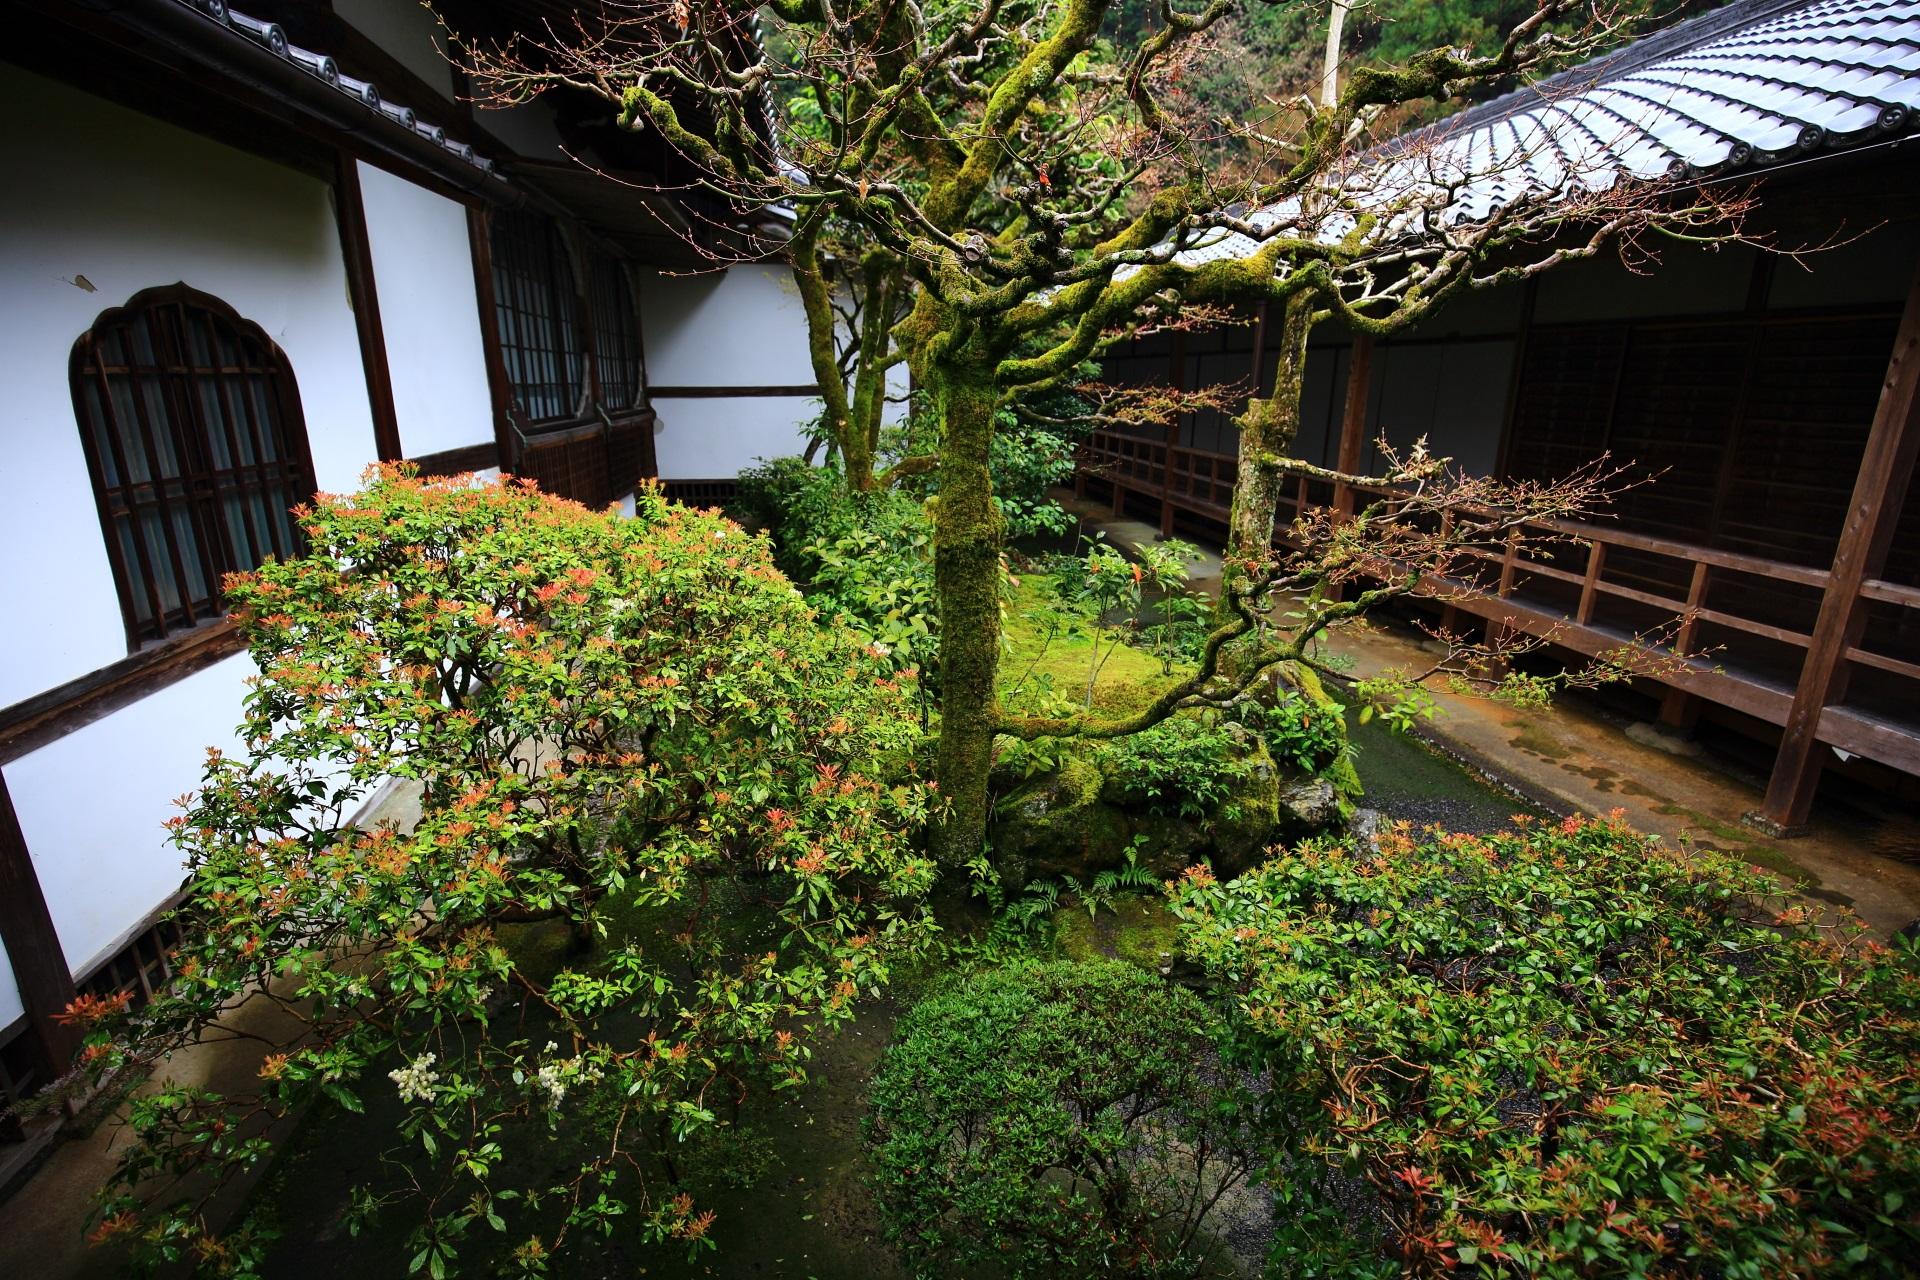 法然院の落ち着いた雰囲気の方丈の中庭